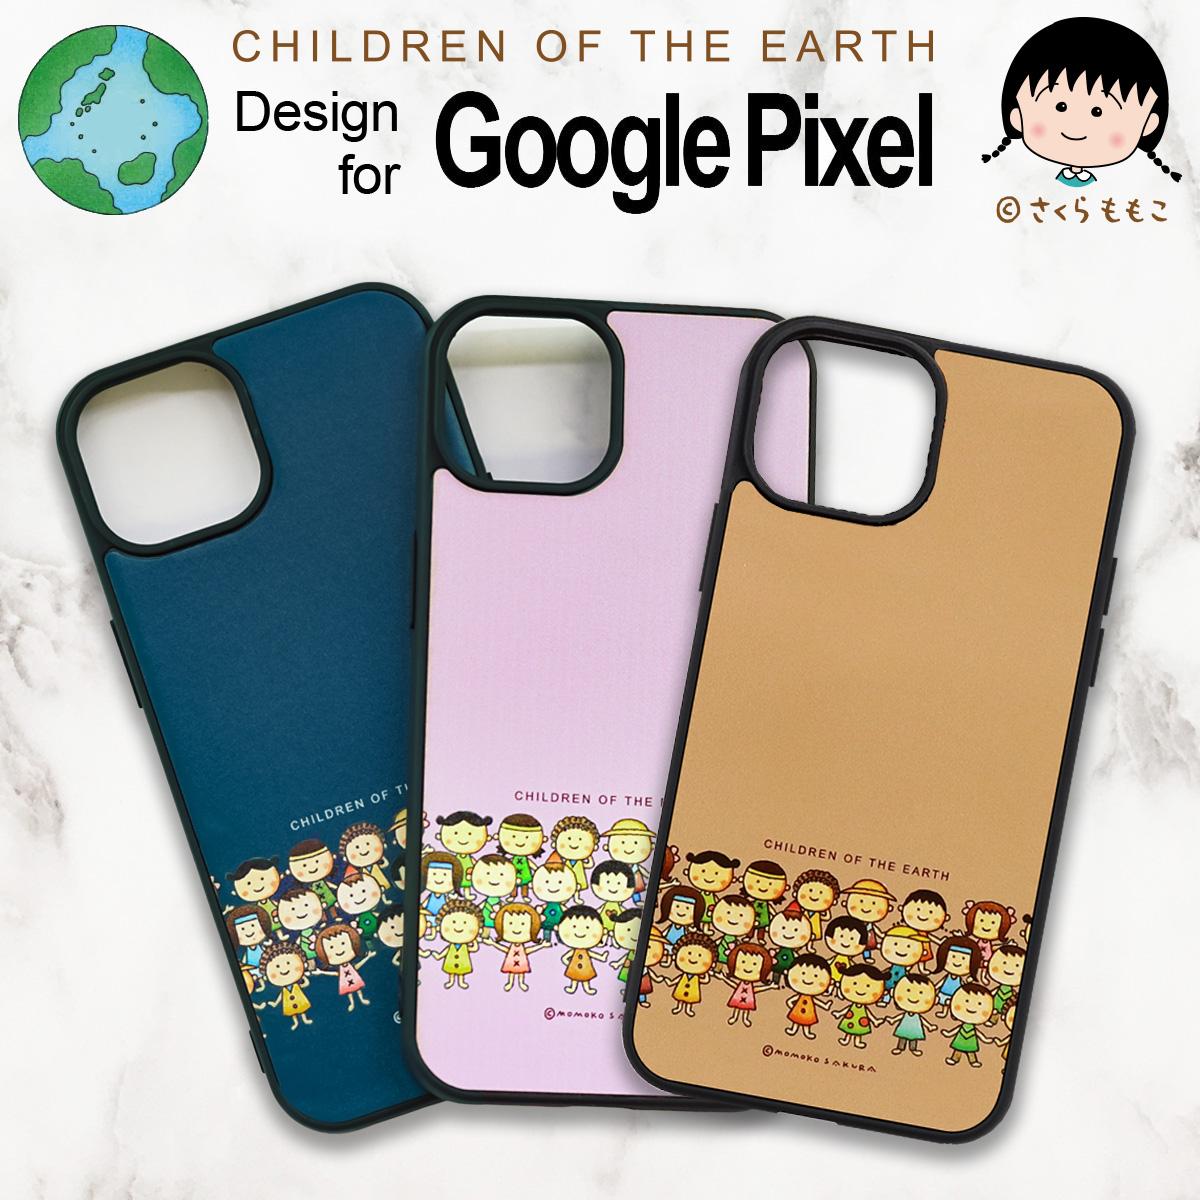 さくらももこ 地球の子供たち Google ケース Pixel 4 XL Pixel 4 Pixel 5 4a 5G Pixel 4a カバー グーグル ピクセル スマホケース 軽い 薄い ハードケース ストラップホール シンプル レディース メンズ